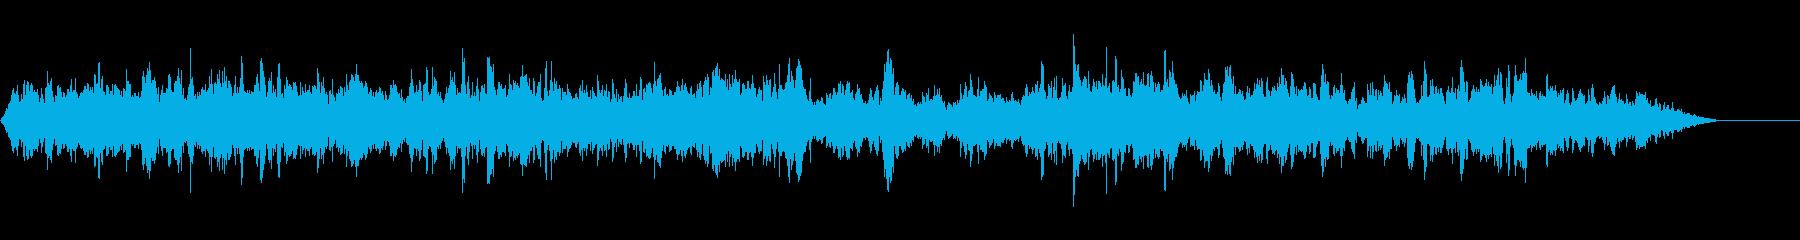 にぎわい-アニメーション-スペイン2の再生済みの波形